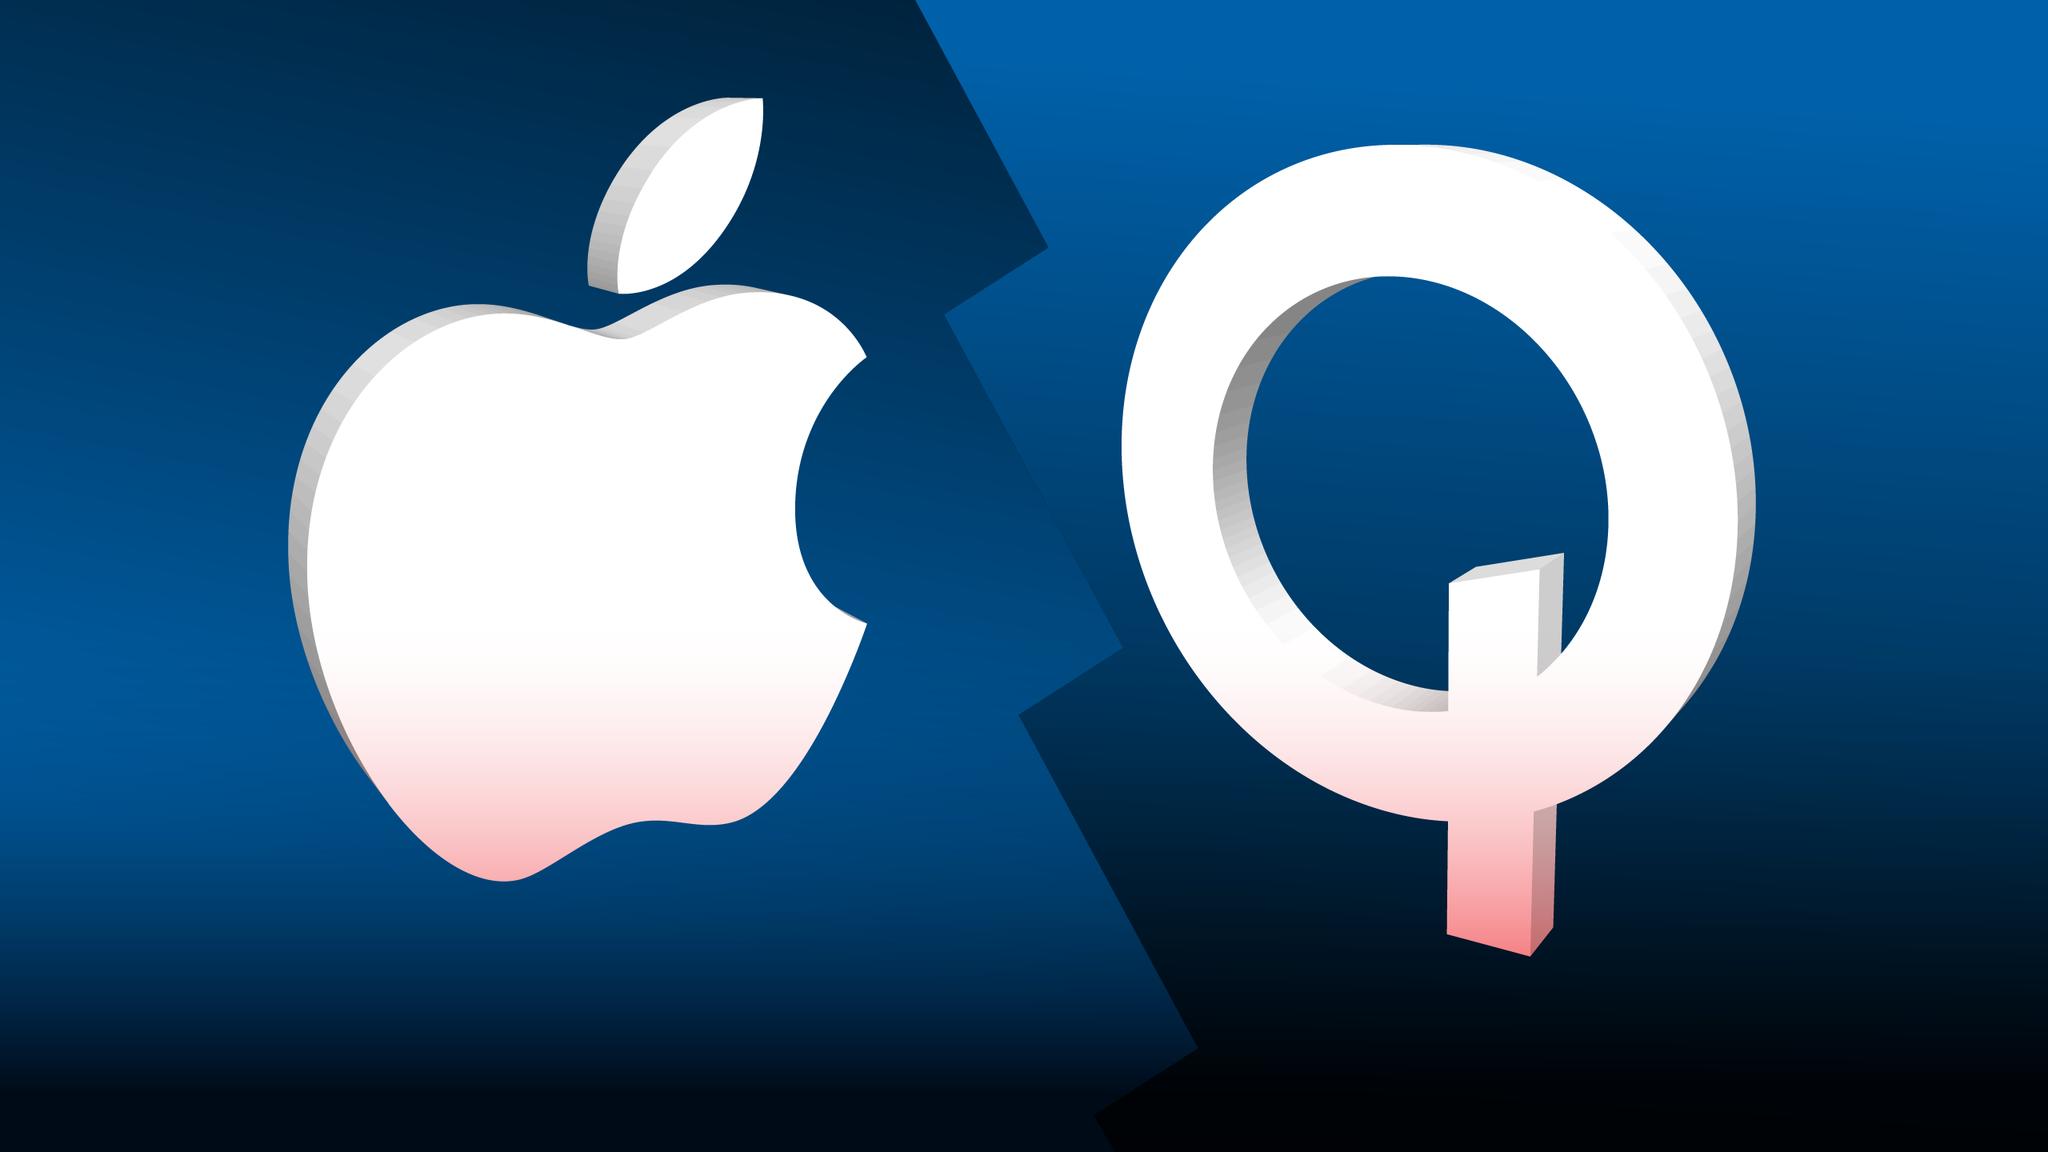 آیفون 2017: کوالکام با نشان دادن فهرستی از اولین اختراعات به کار رفته در گوشیهای پرچمدار اندرویدی، کمپانی اپل را سرزنش میکند